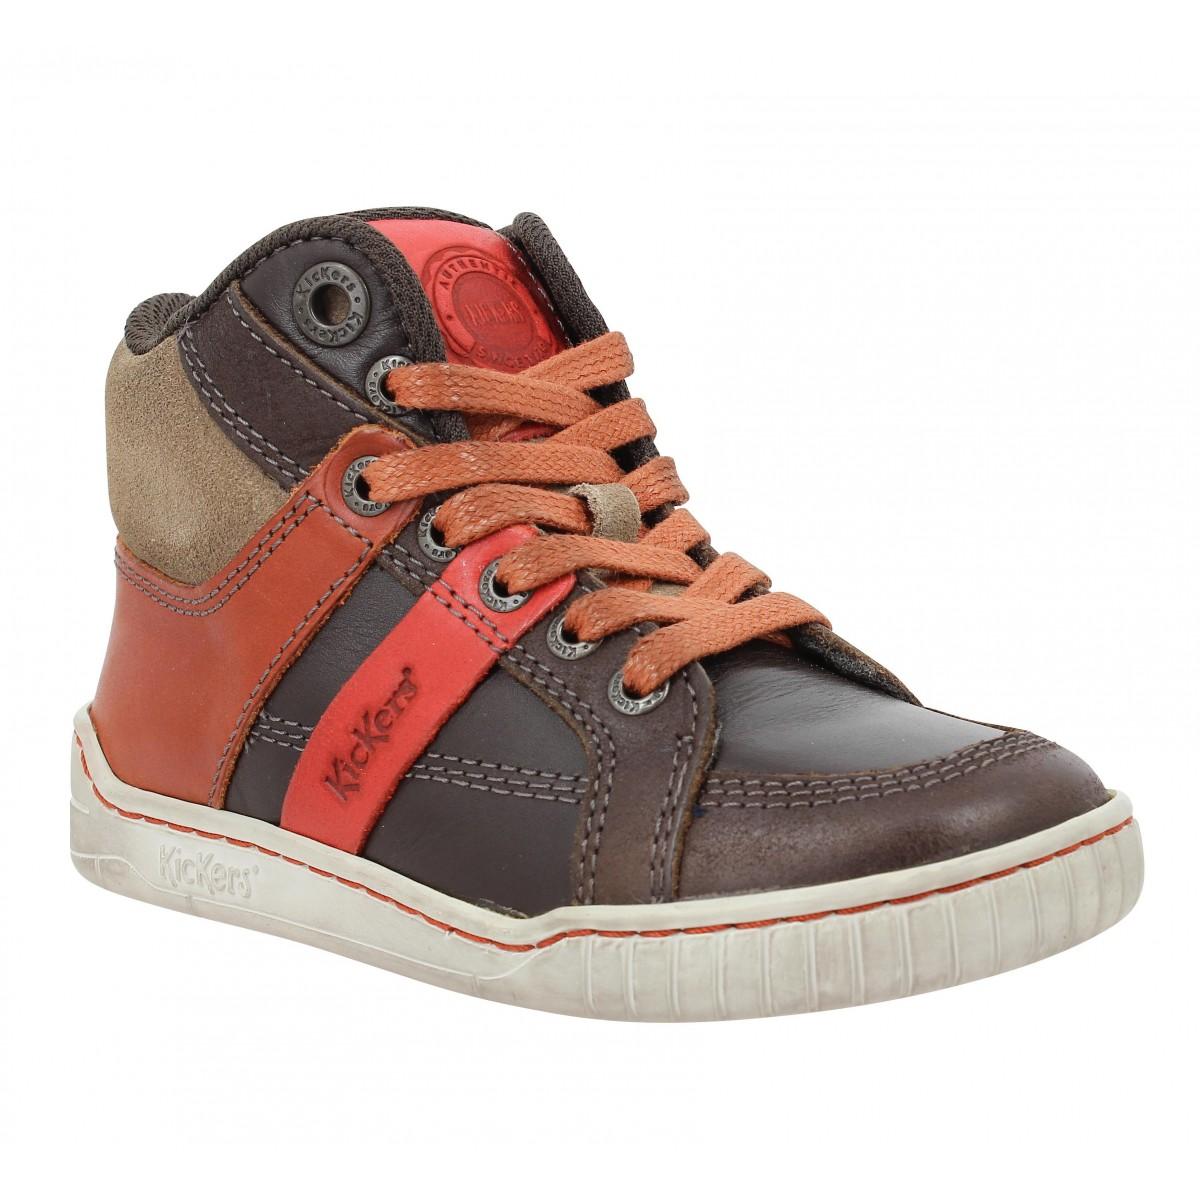 kickers chaussures pour enfant vente en ligne. Black Bedroom Furniture Sets. Home Design Ideas